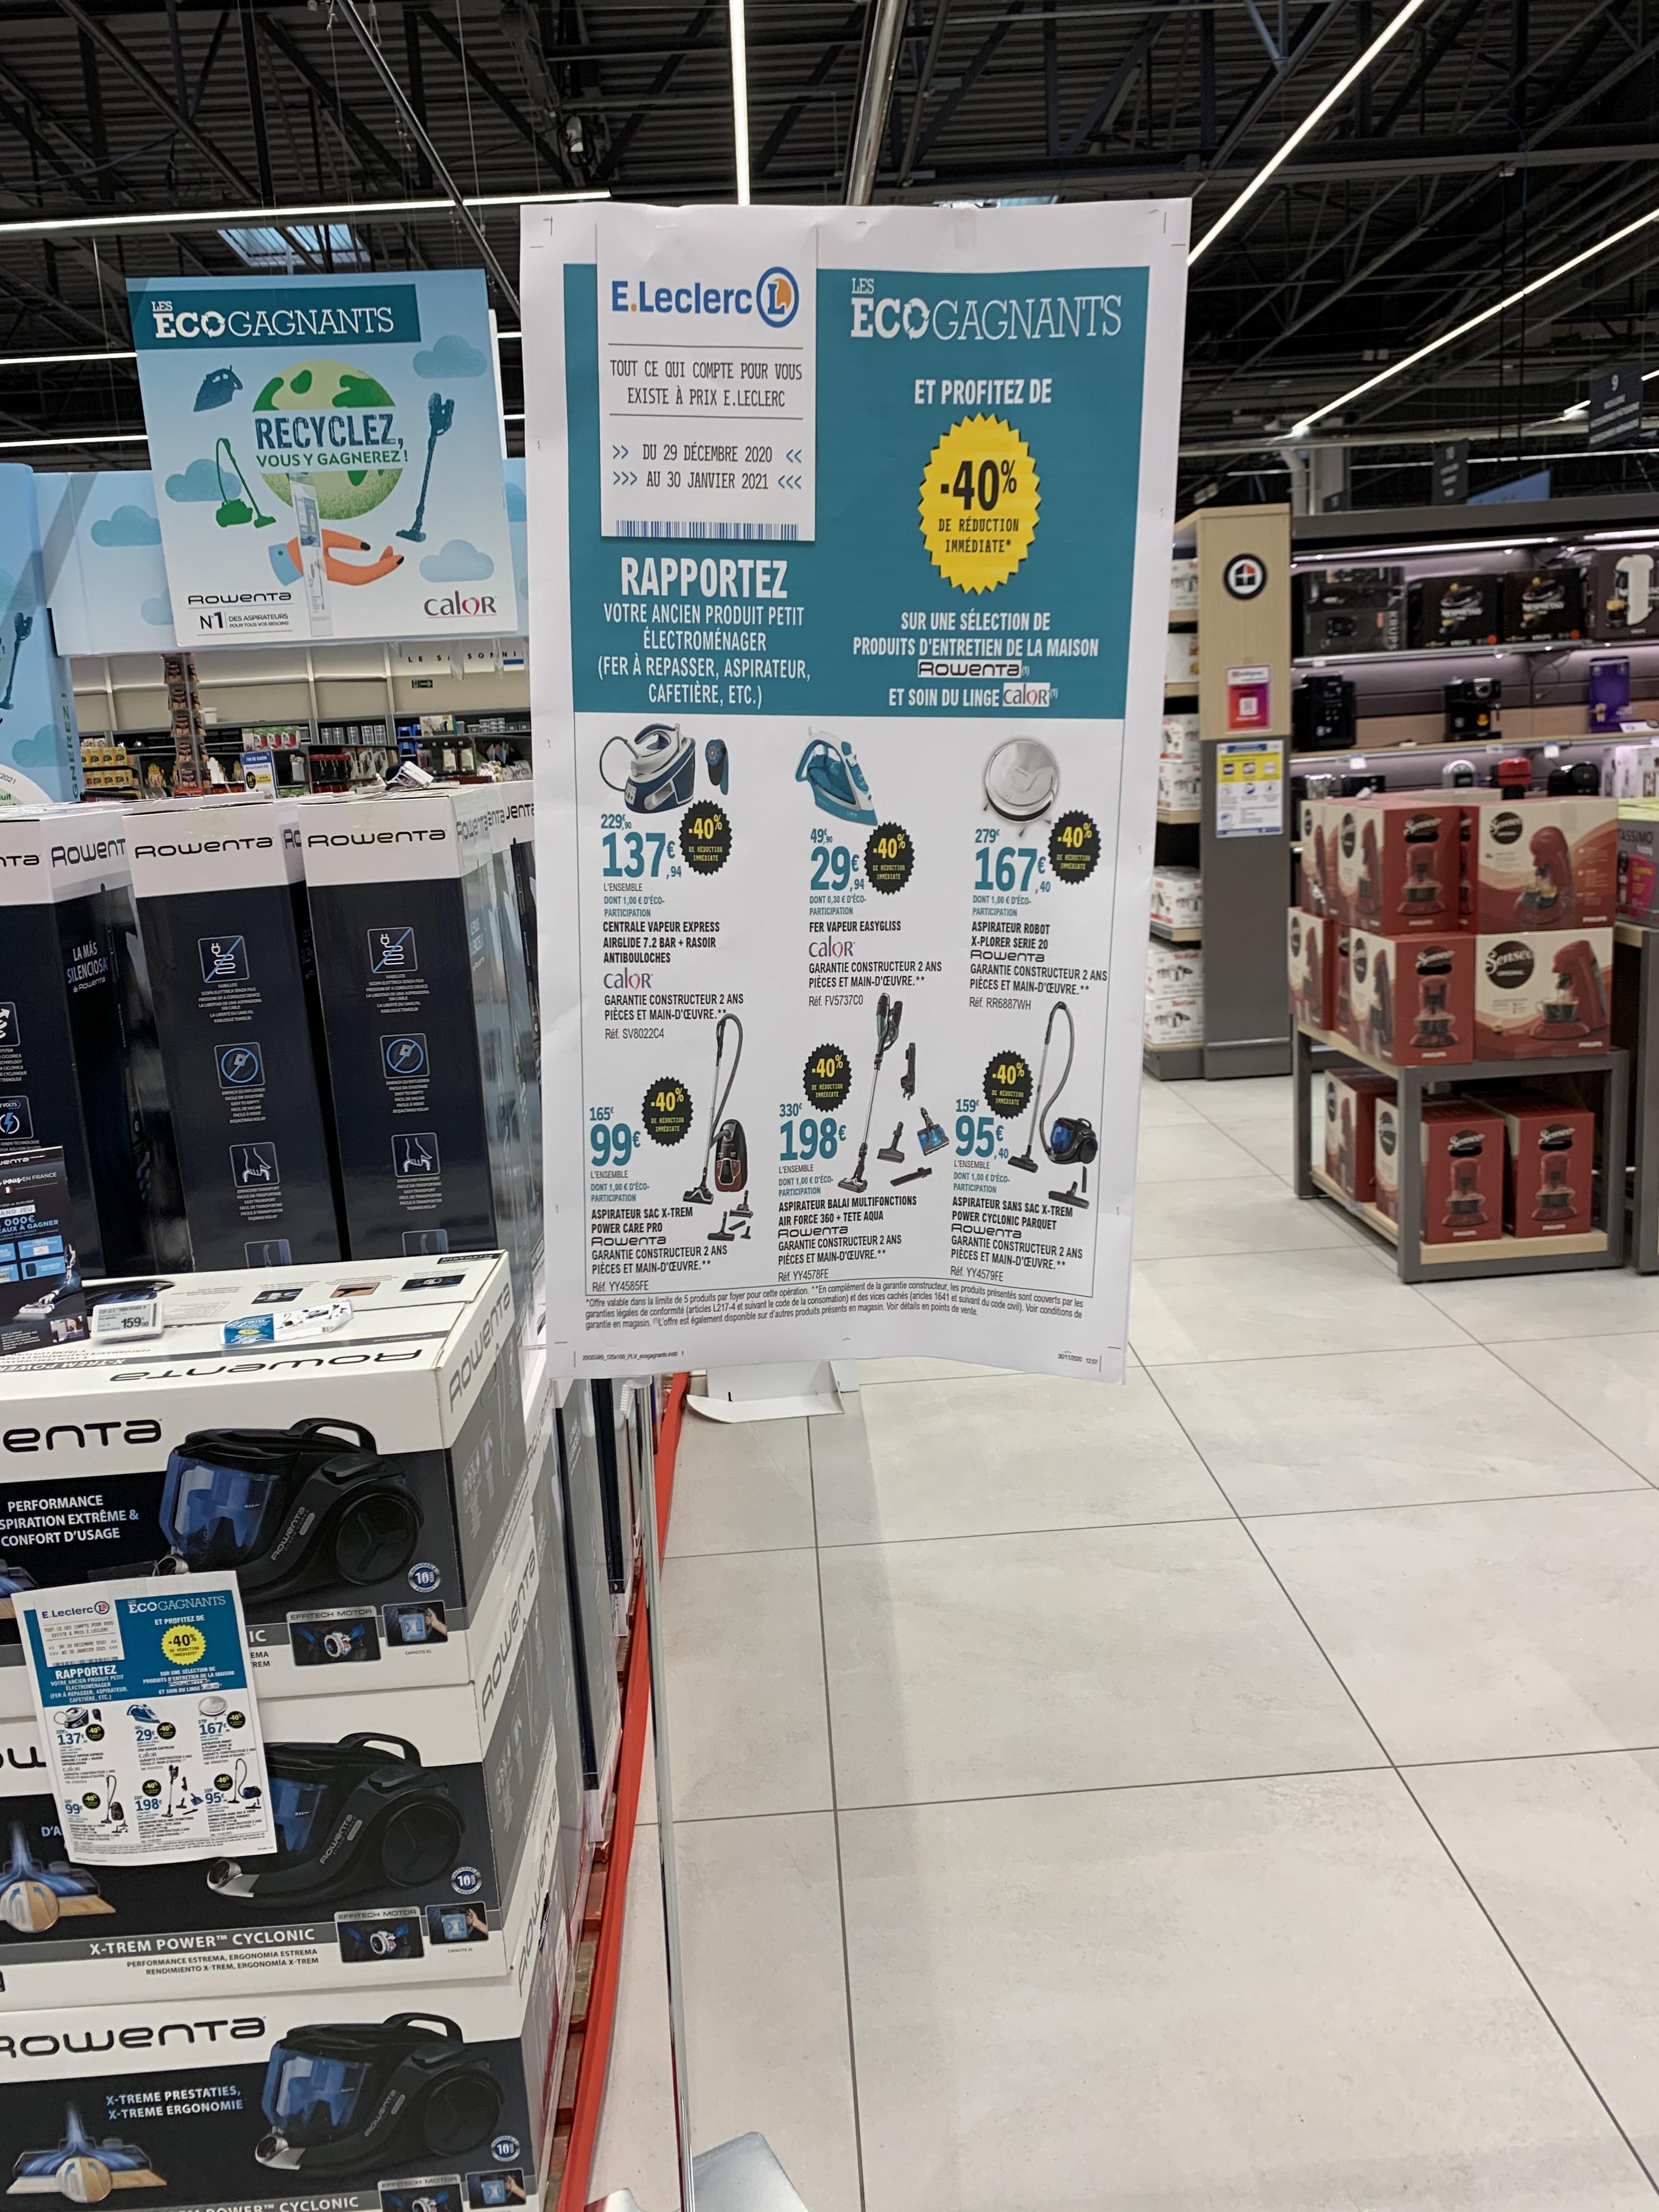 40% de réduction sur une sélection de produits Petit Electroménager Rowenta & Calor via la reprise d'un ancien produit - Frouard (54)